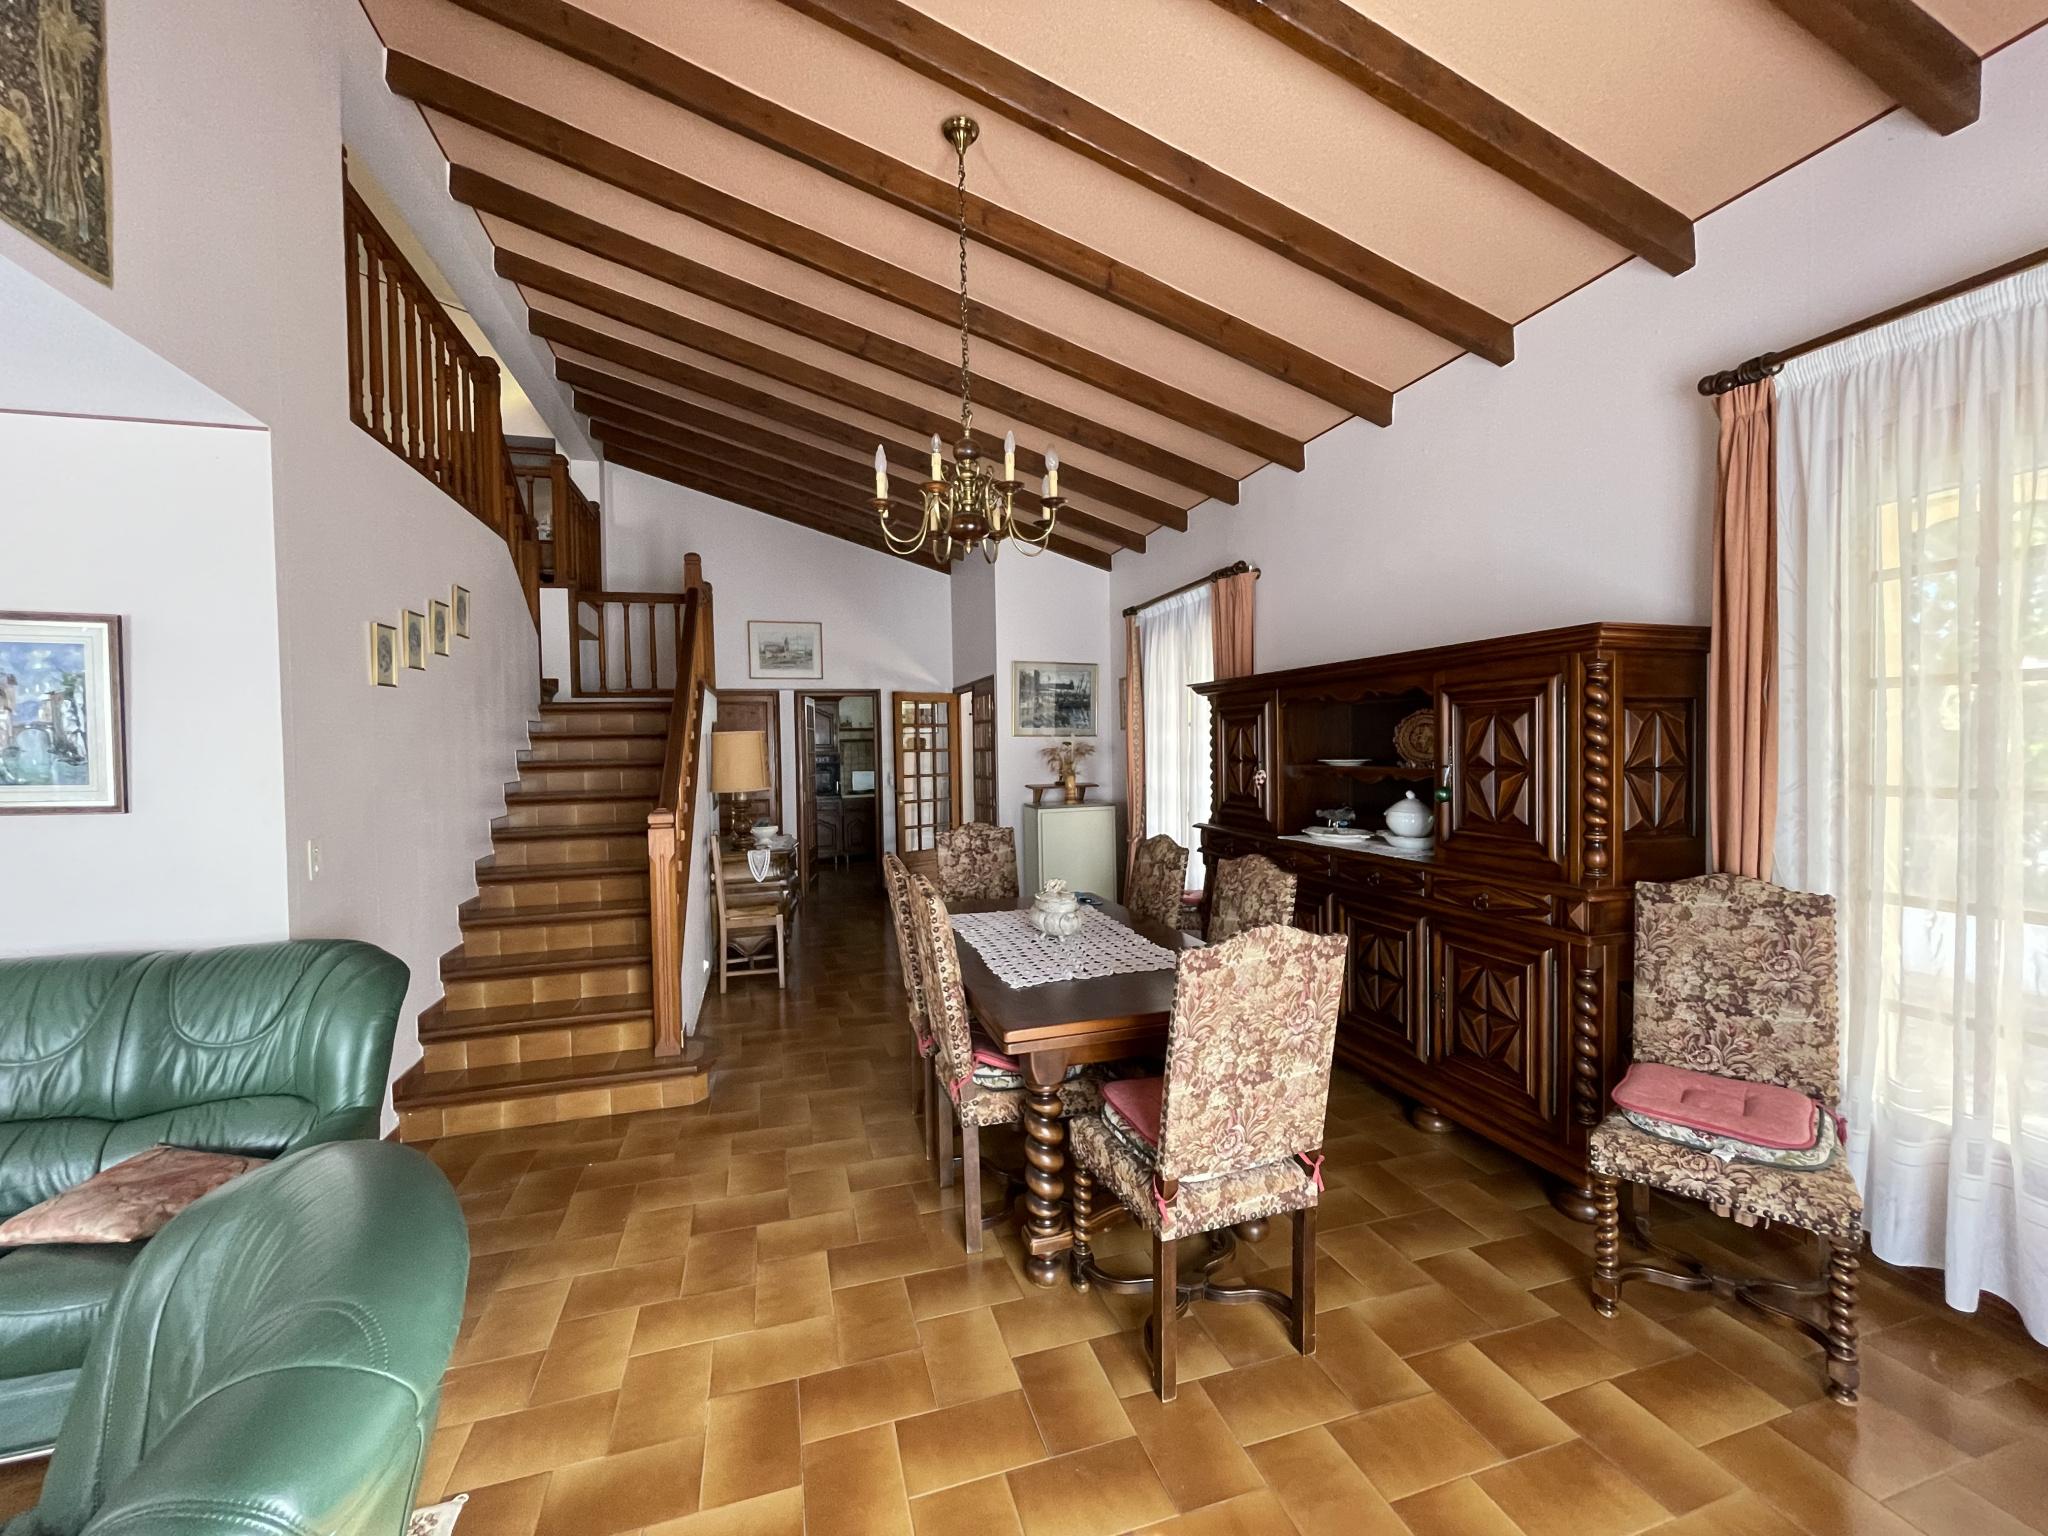 À vendre maison/villa de 170m2 à sorede (66690) - Photo 0'